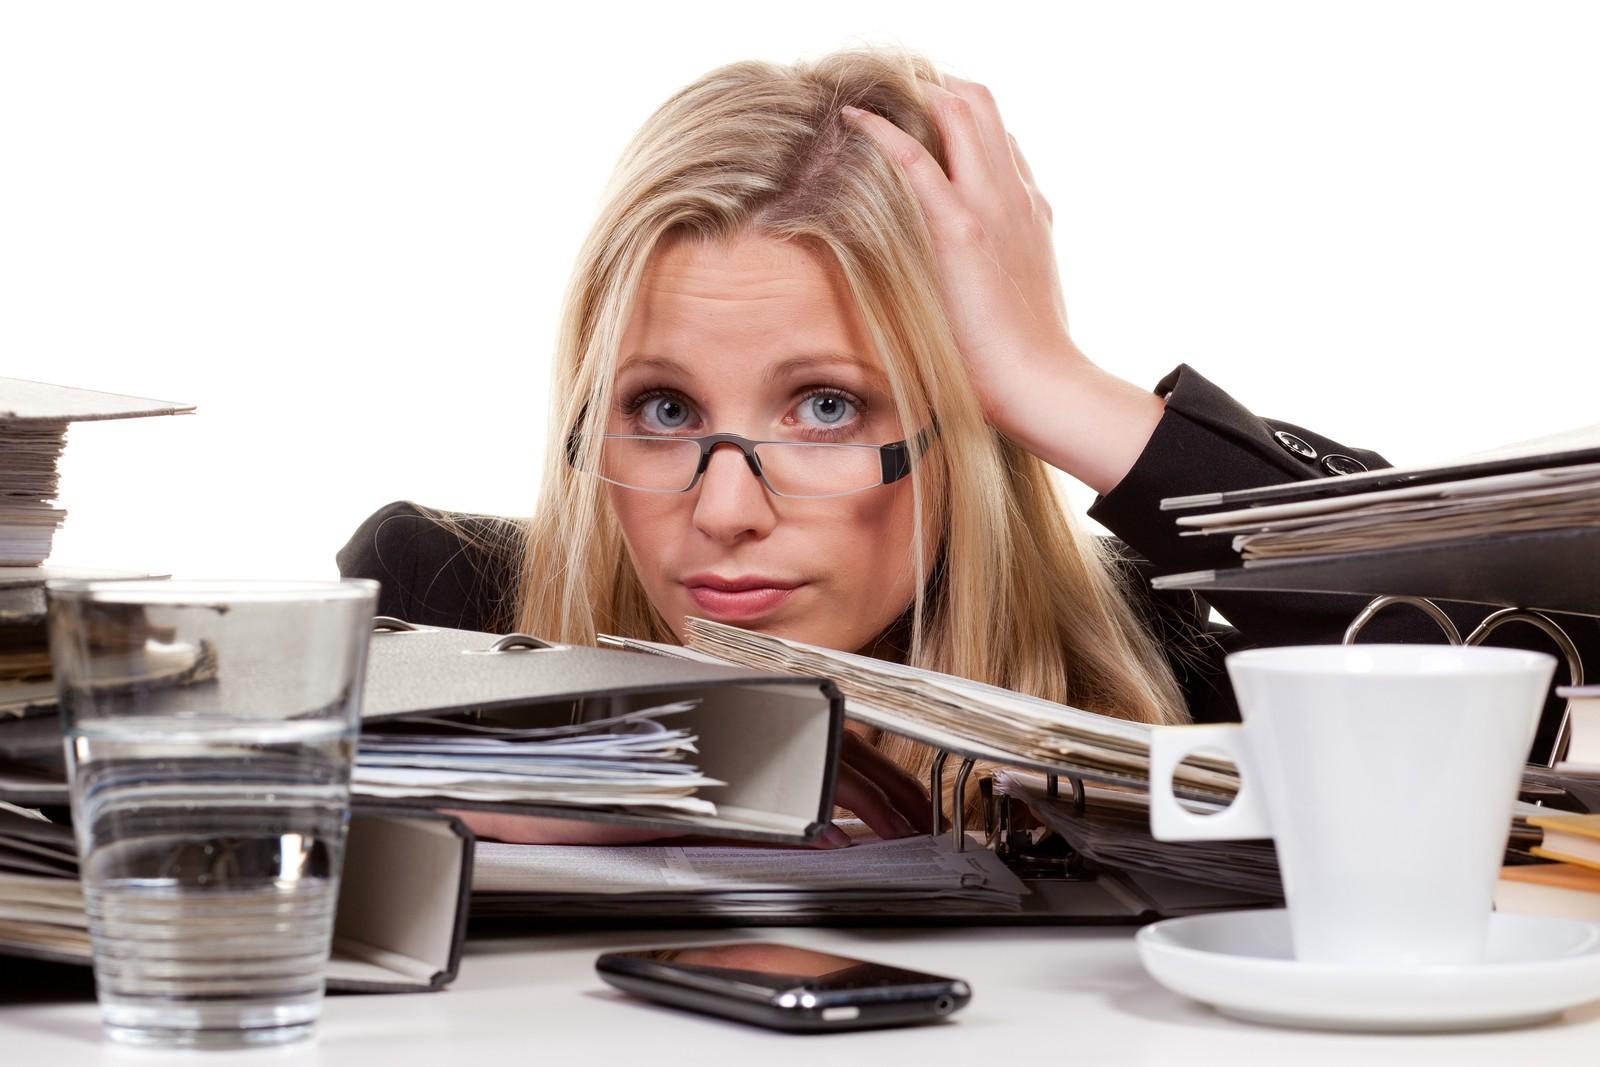 Das Chaos auf dem Schreibtisch ist vorprogrammiert!